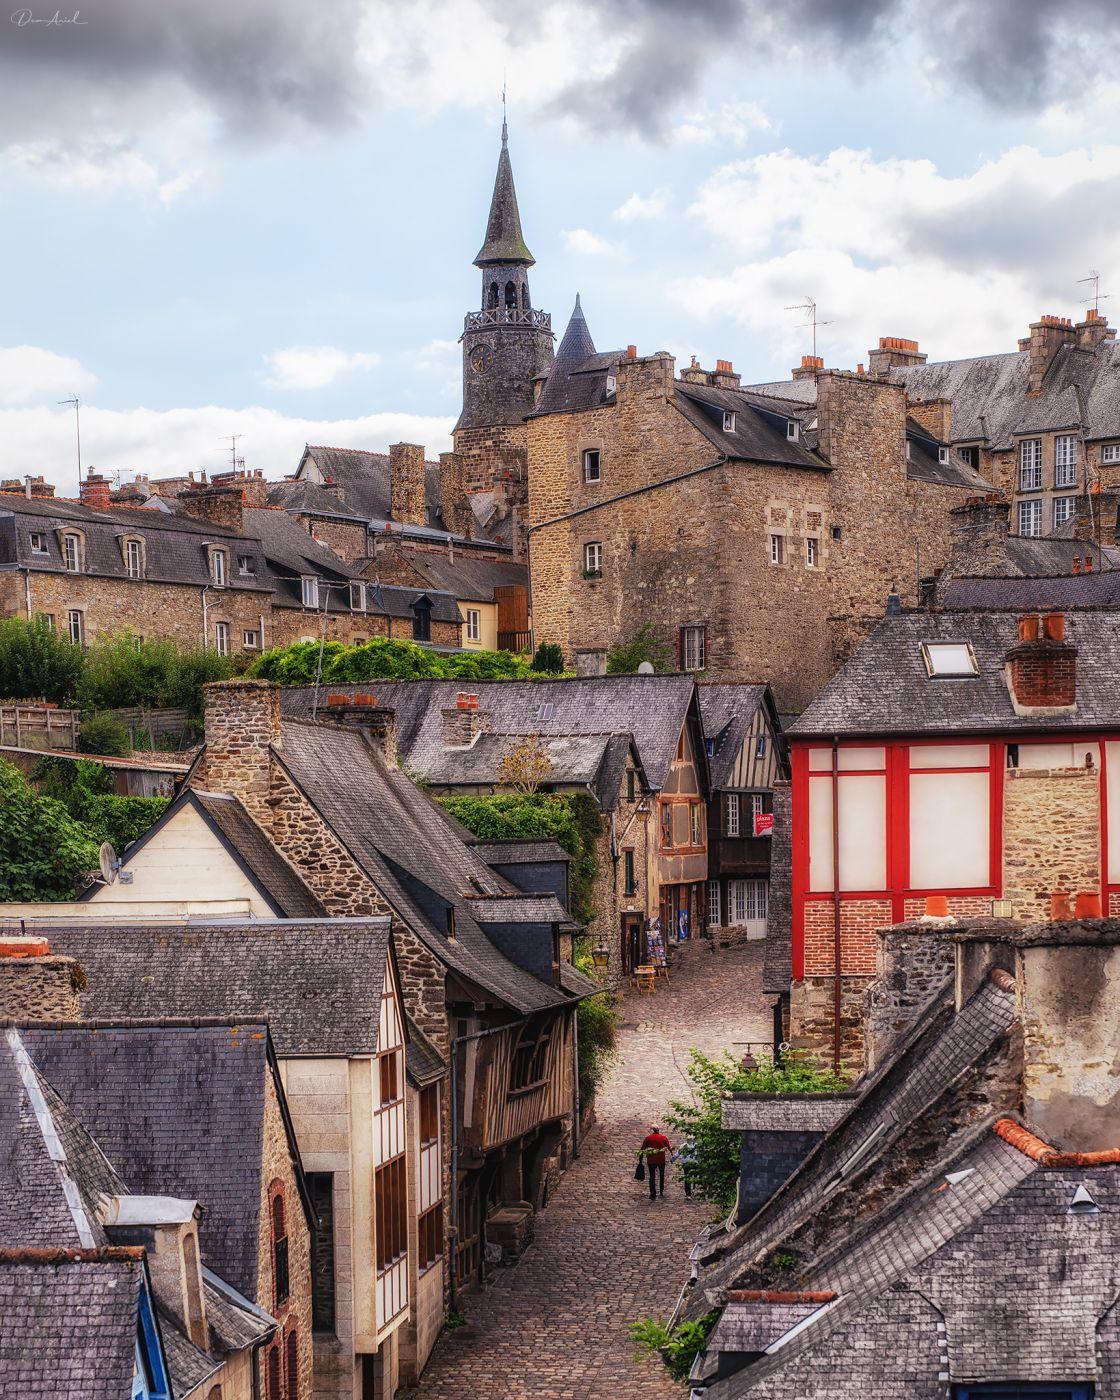 Wall of Dinan, France